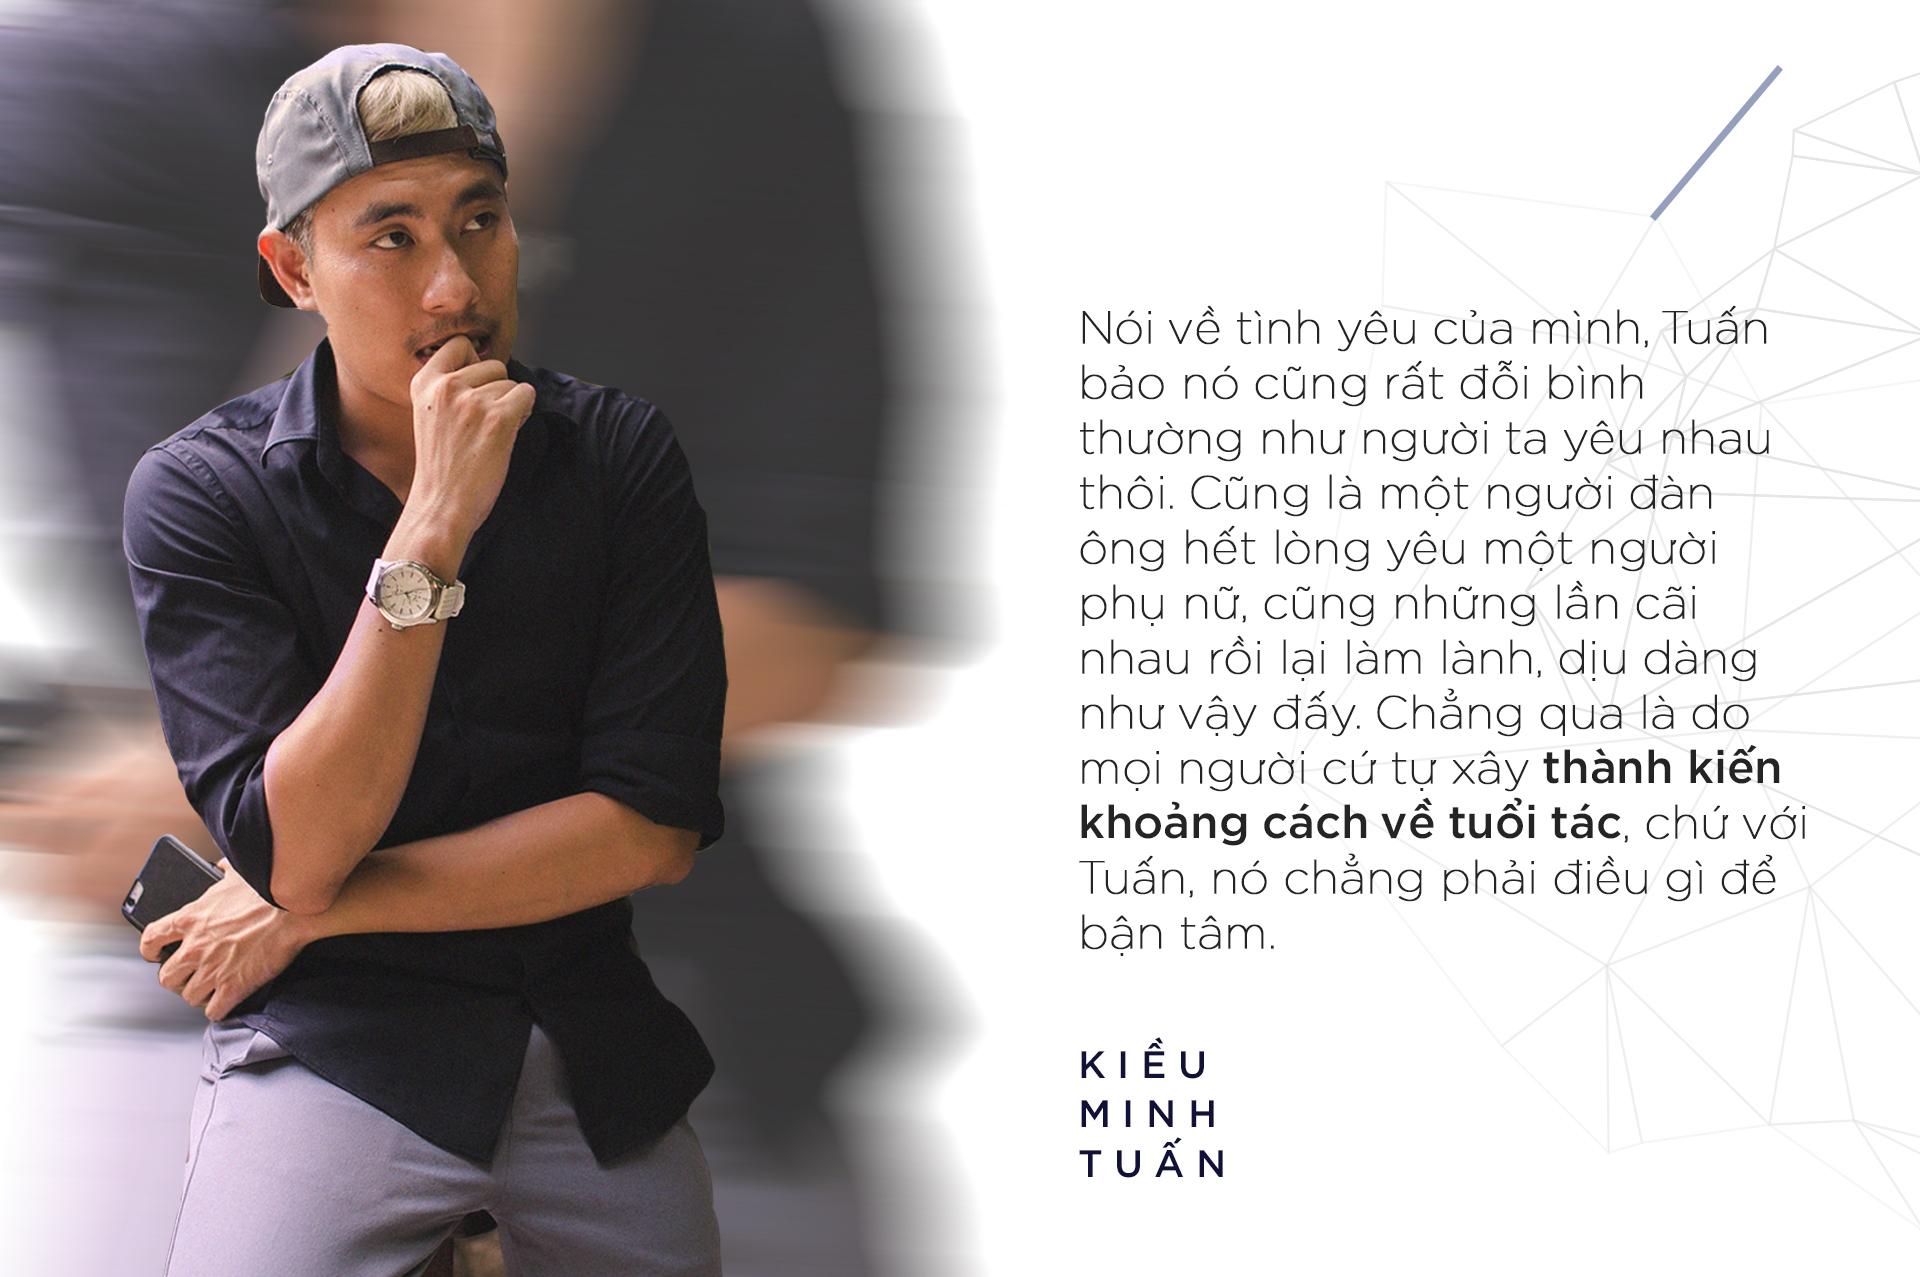 Kiều Minh Tuấn: 'Tôi chưa từng hối tiếc điều gì của tuổi trẻ, việc yêu Phượng lại càng không!'